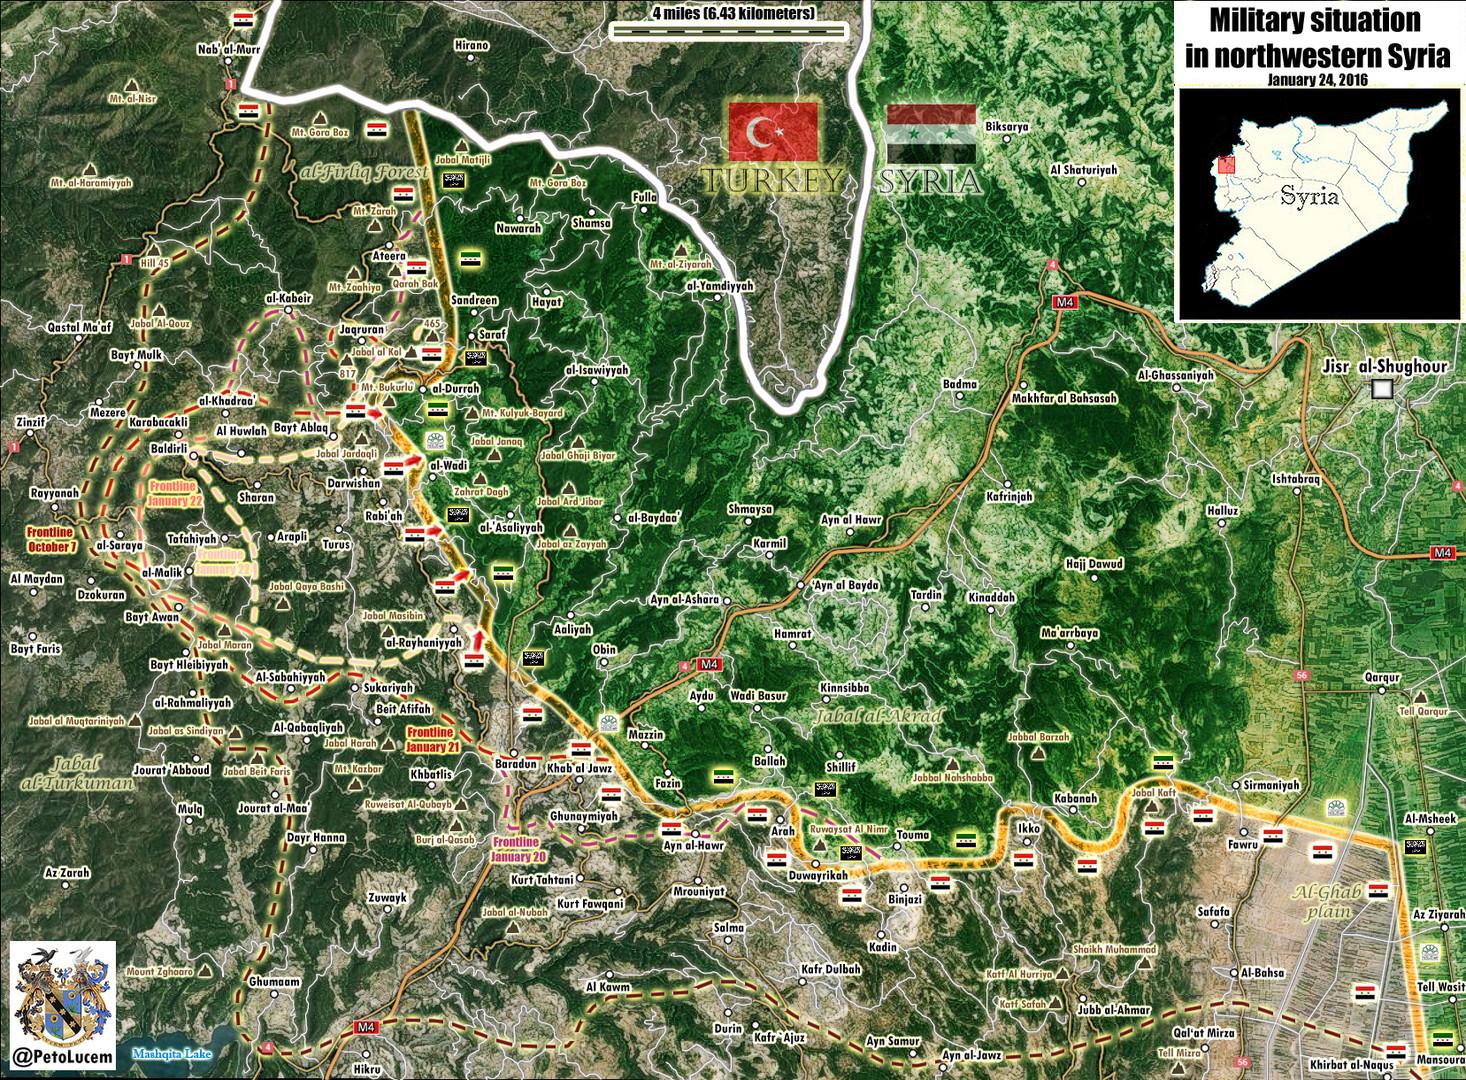 Syrische Armee schneidet Rebellen von strategischer Versorgungslinie in die Türkei ab